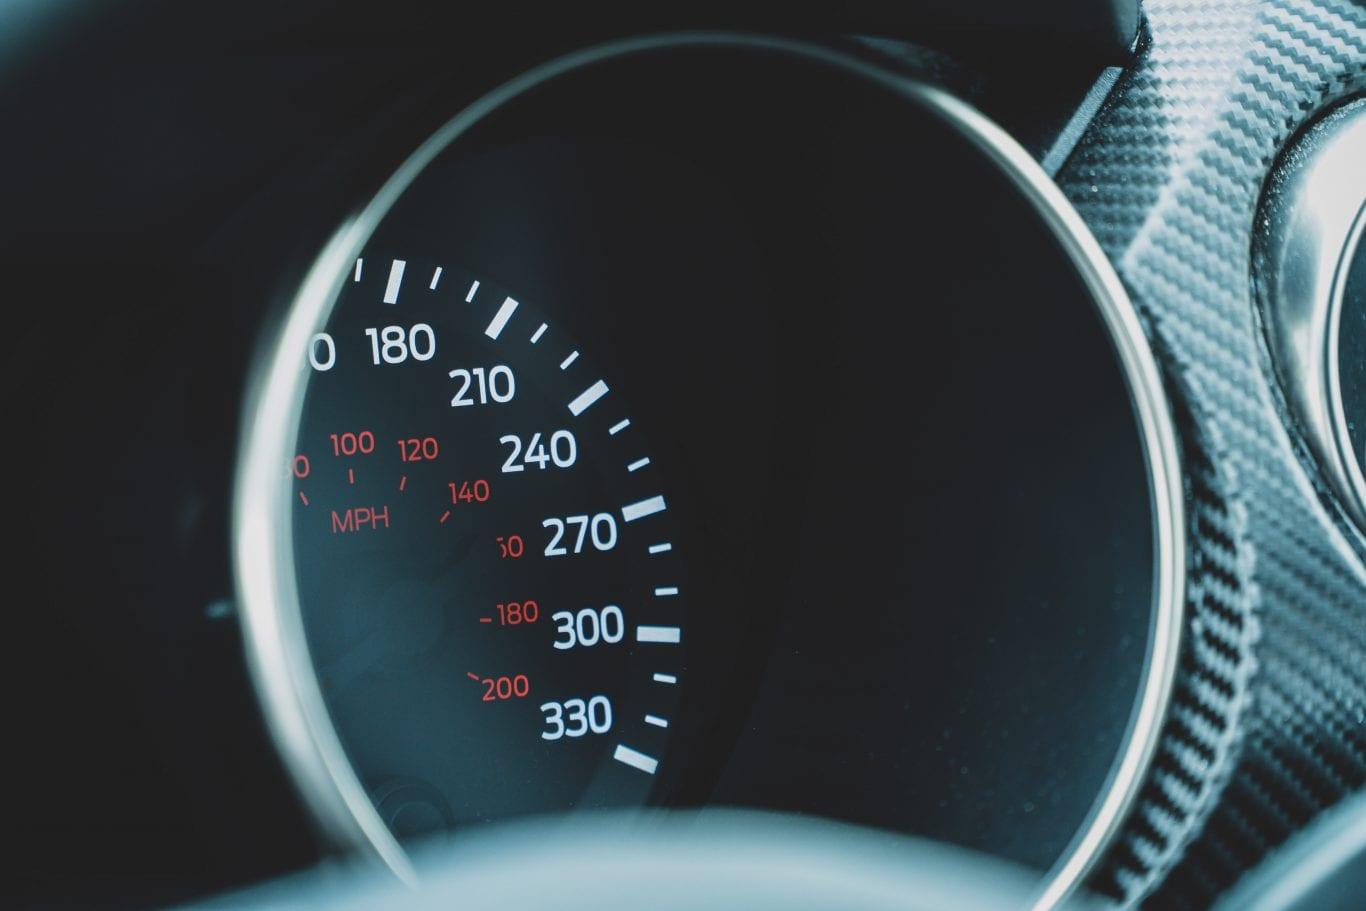 2016 Shelby Mustang im Test: Wie schnell ist das Pony Car wirklich? - Auto Kunz AG 1